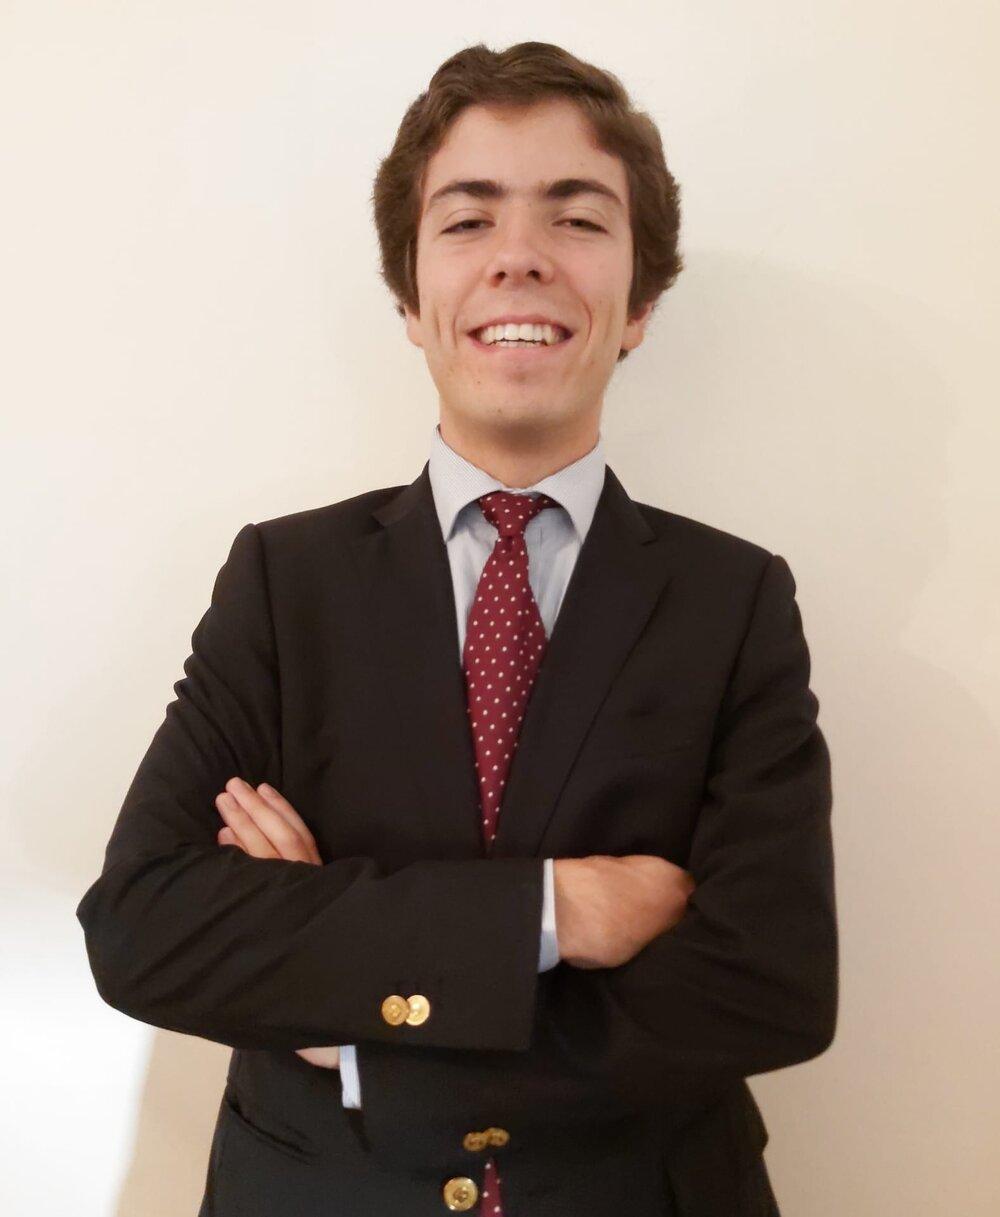 Afonso Silveira Botelho